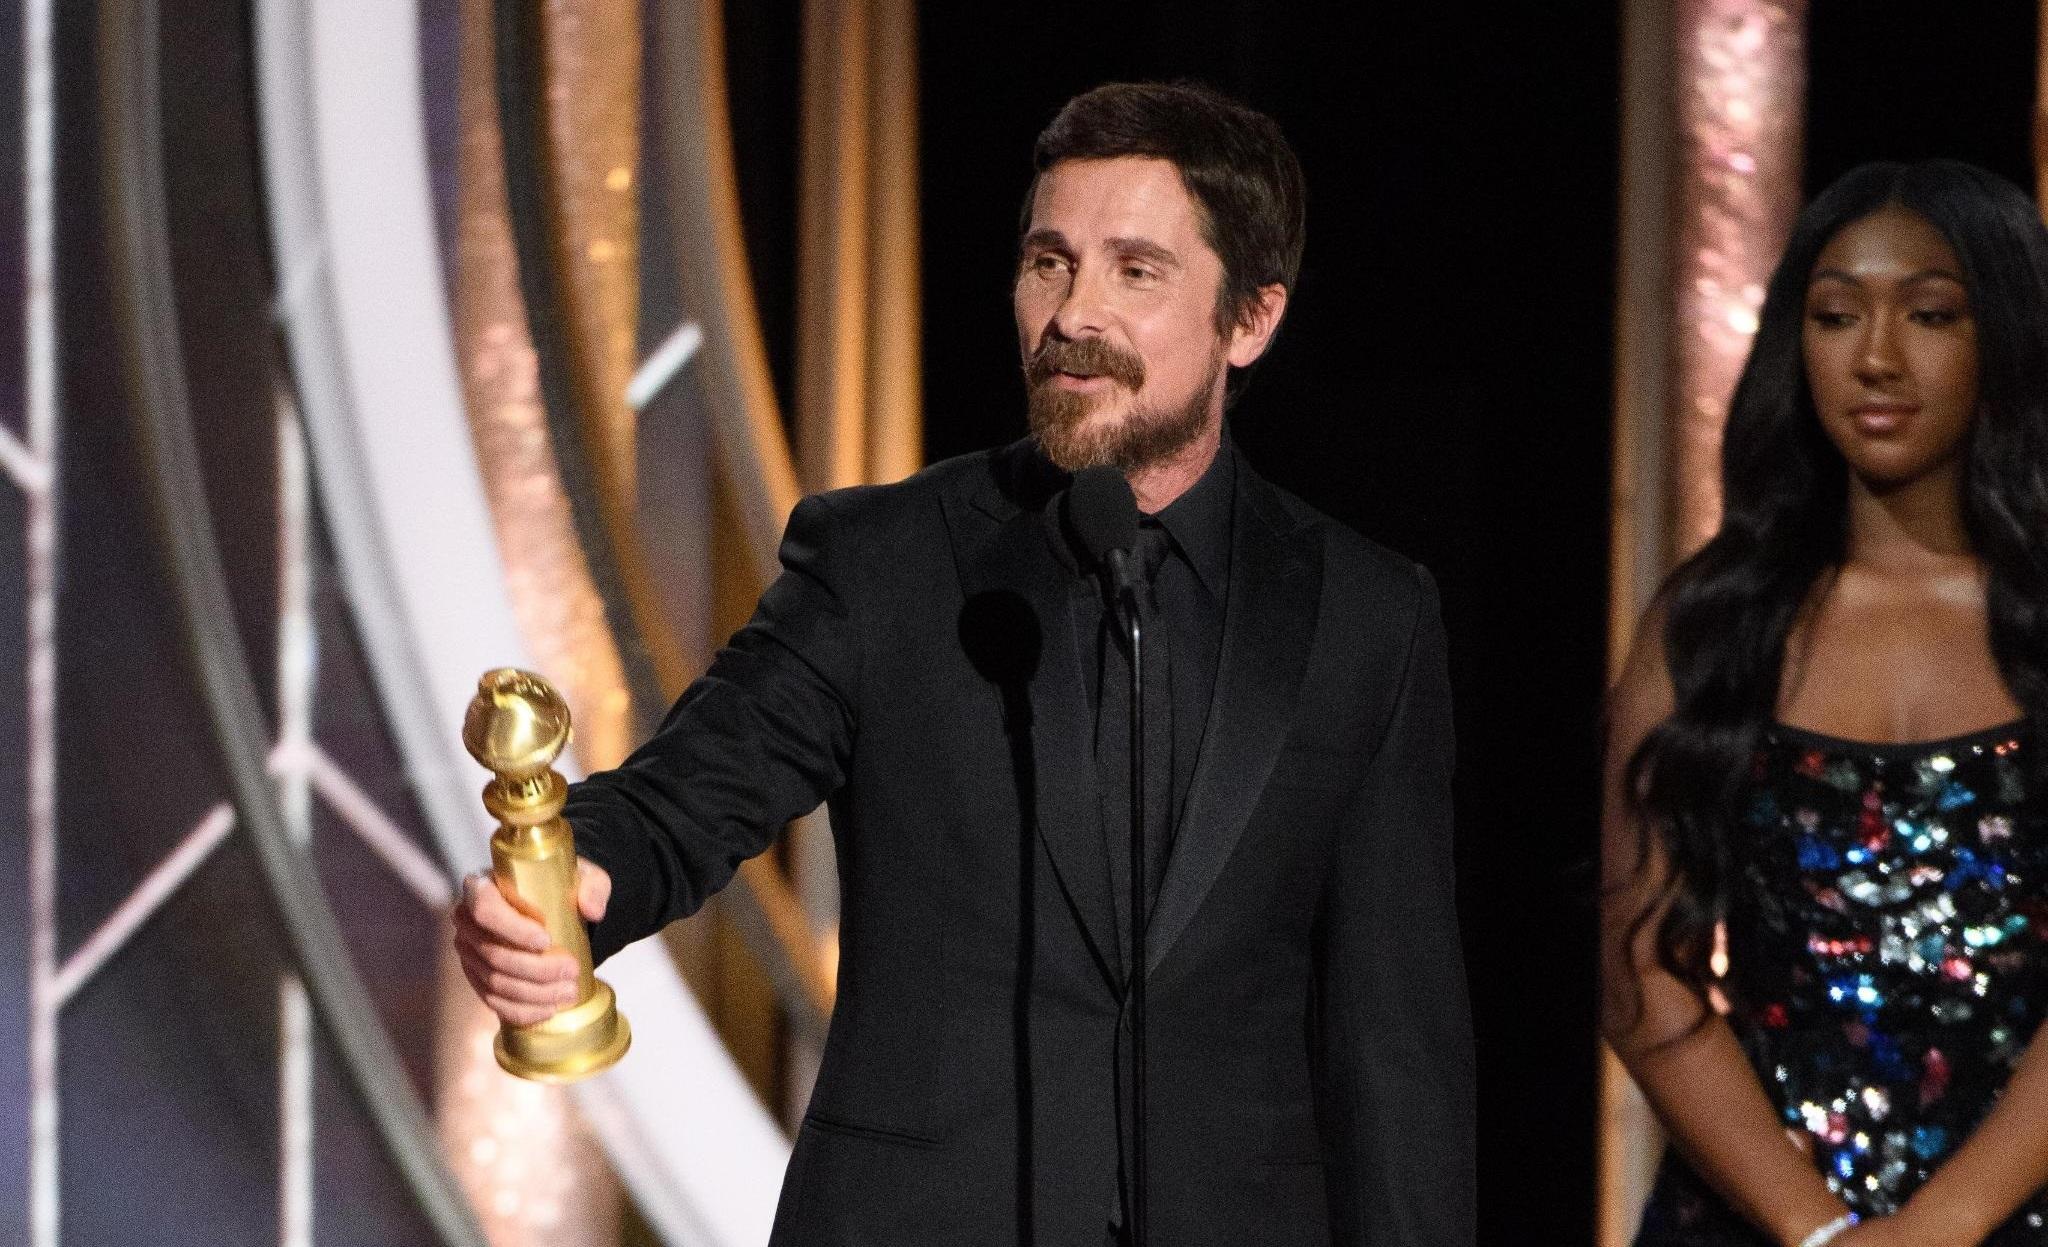 Christian Bale ha vinto per la categoria miglior attore di una commedia o musical grazie alla sua interpretazione in 'Vice'